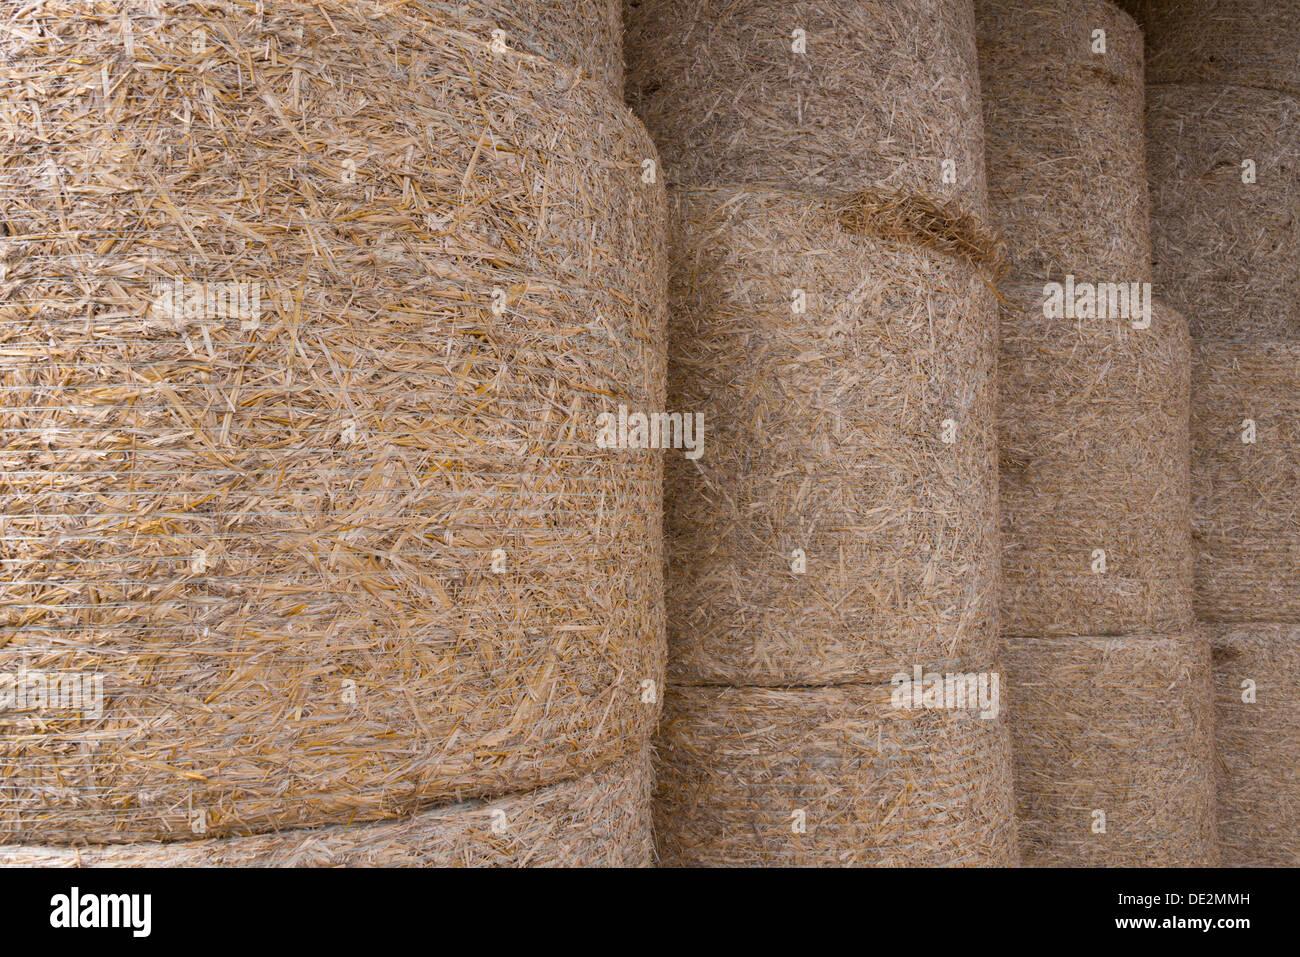 Los fardos de heno en la zona de Borgoña, Francia Foto de stock